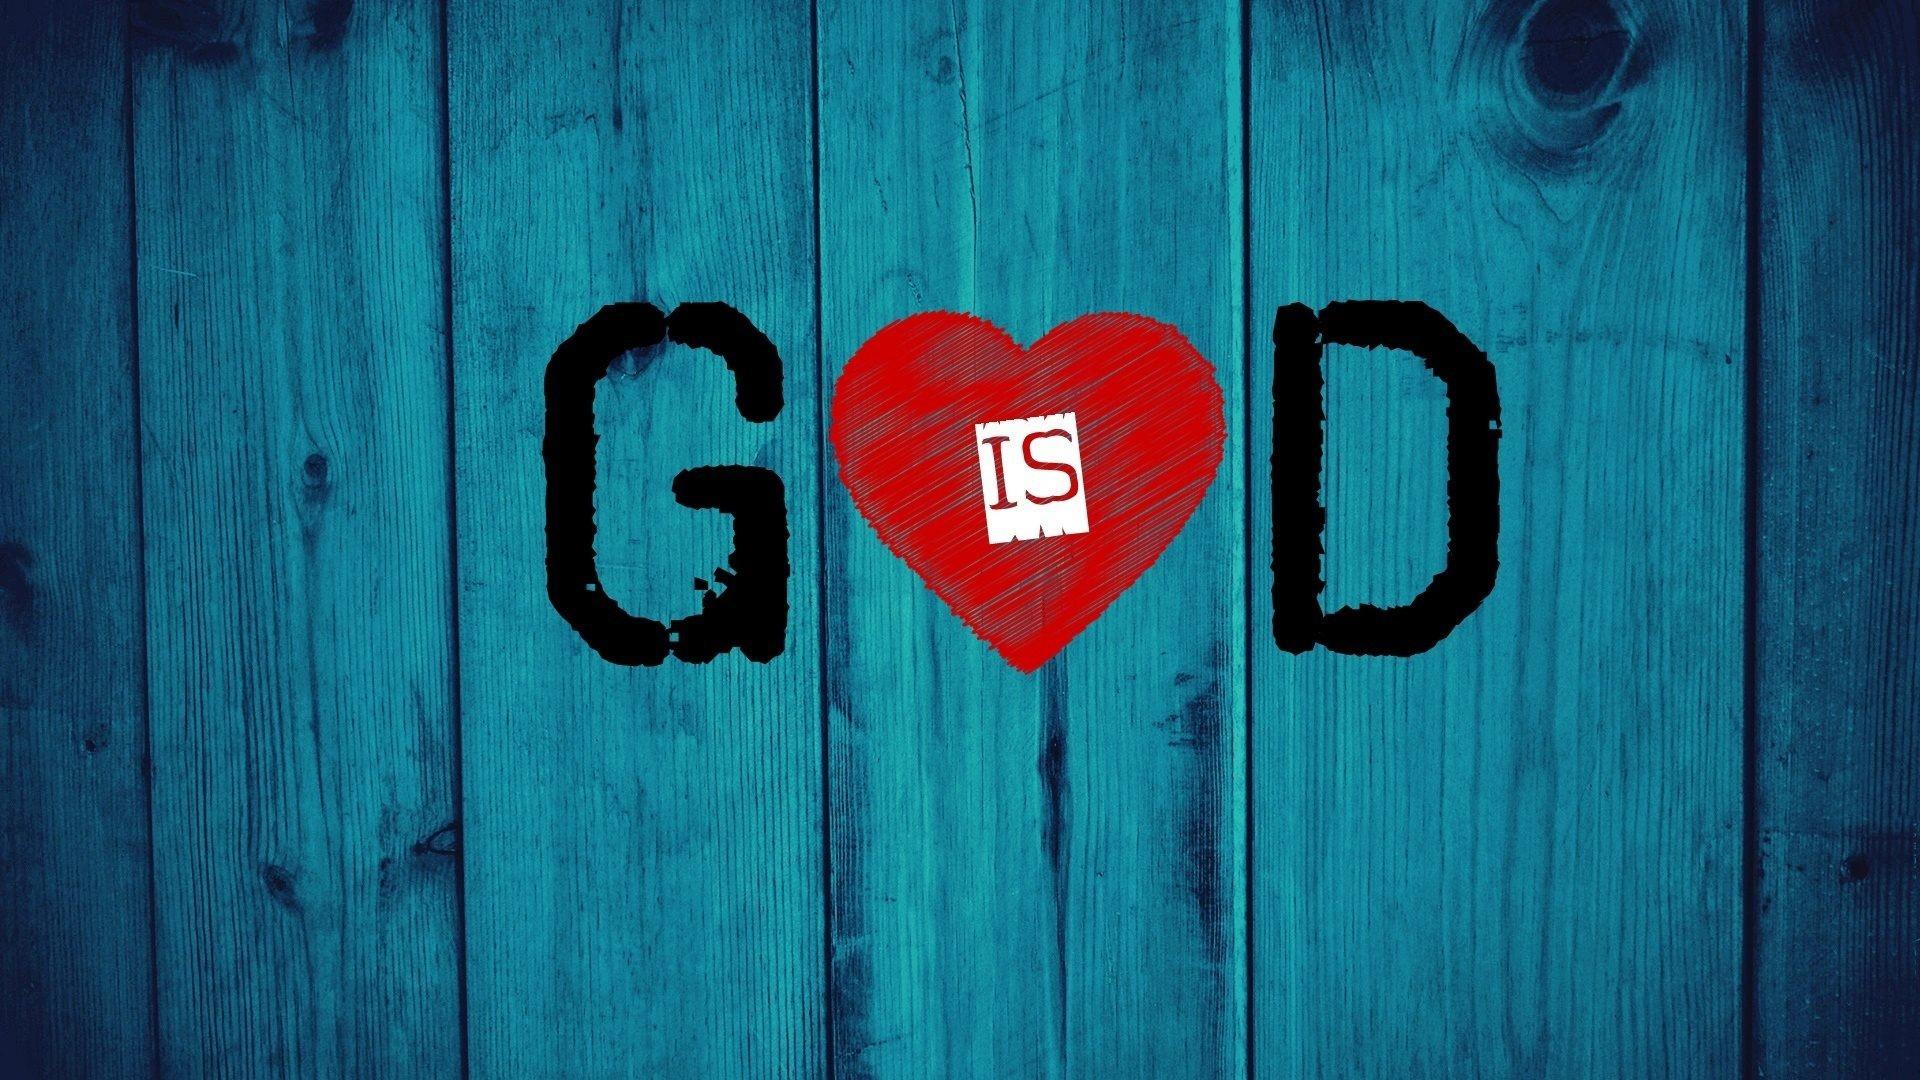 3d Rose Wallpaper Apps God Is Love Wallpaper 63 Images